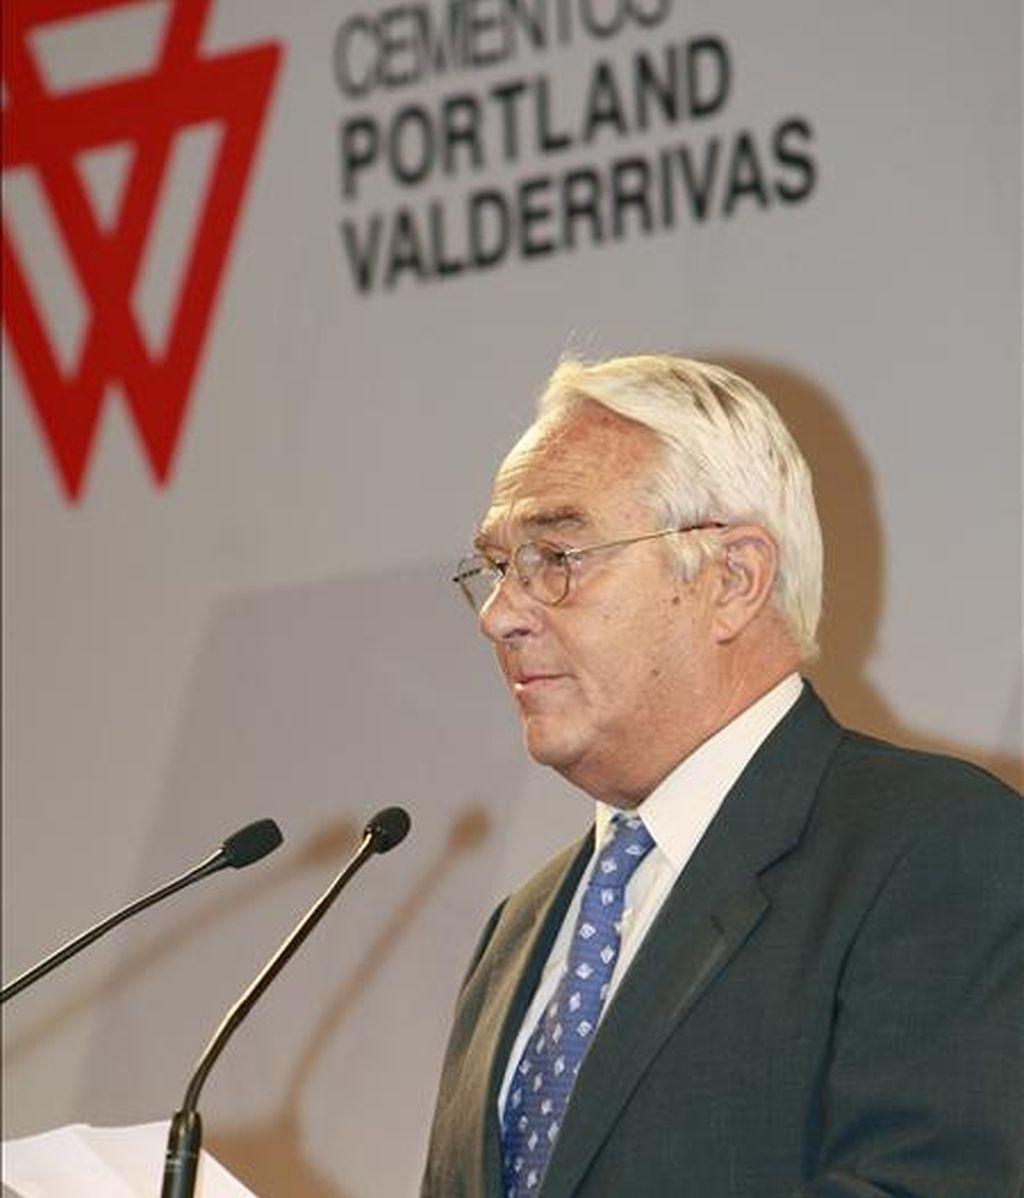 El presidente y consejero delegado de cementos Pórtland Valderribas, José Ignacio Martínez Ynzenga. EFE/Archivo